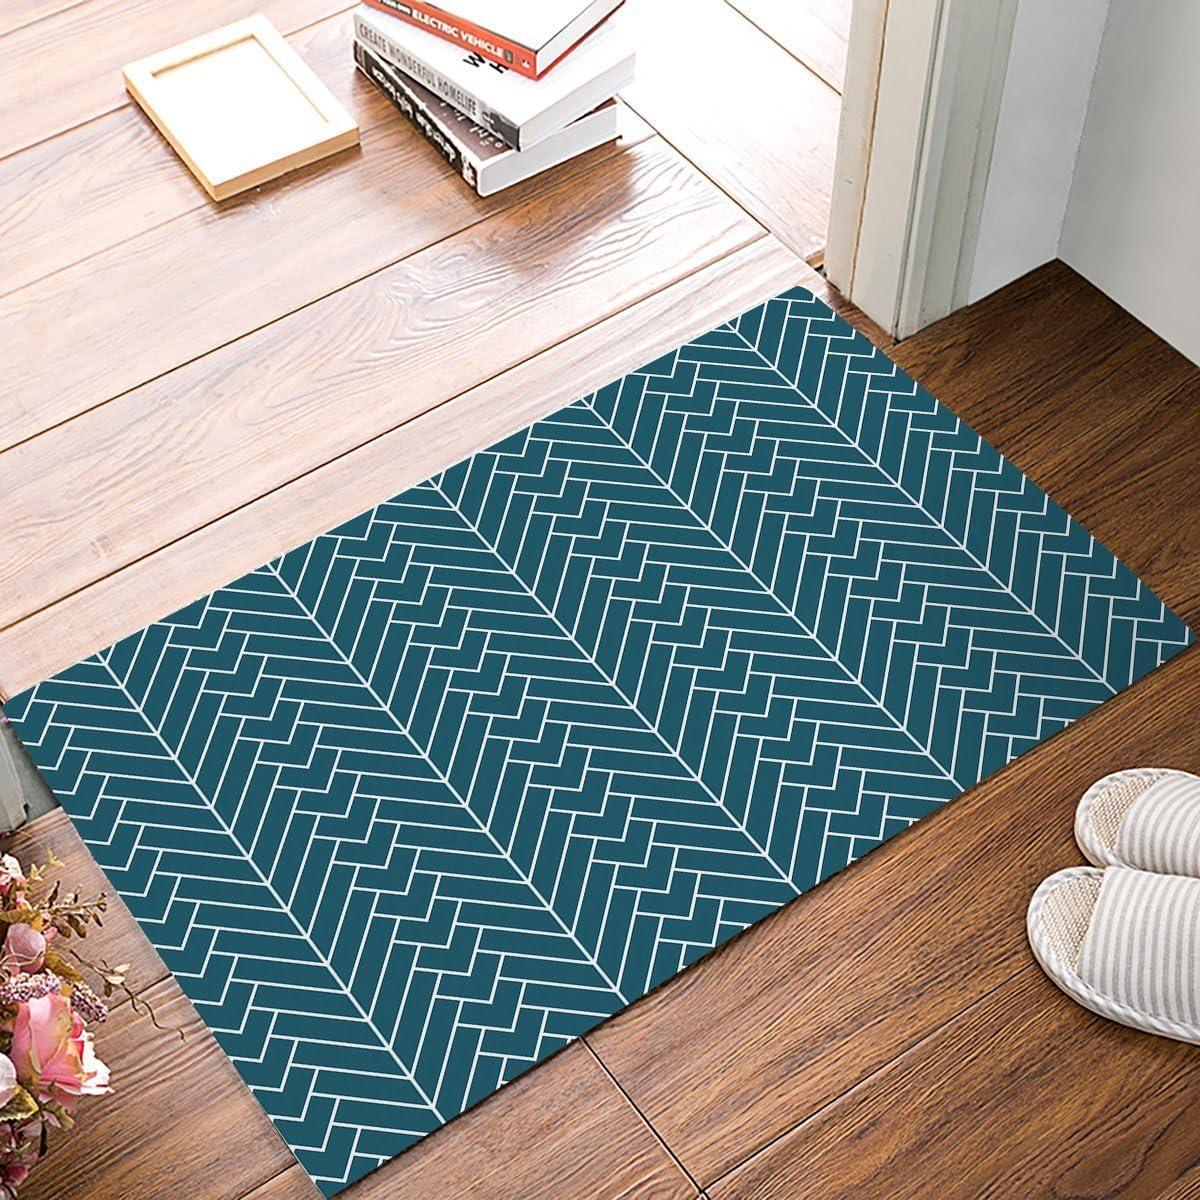 Natural Herringbone Printed Doormat Entrance Mat Floor Mat Rug Indoor Outdoor Front Door Bathroom Mats Rubber Non Slip 15 7 X23 6 Inch Amazon Co Uk Kitchen Home